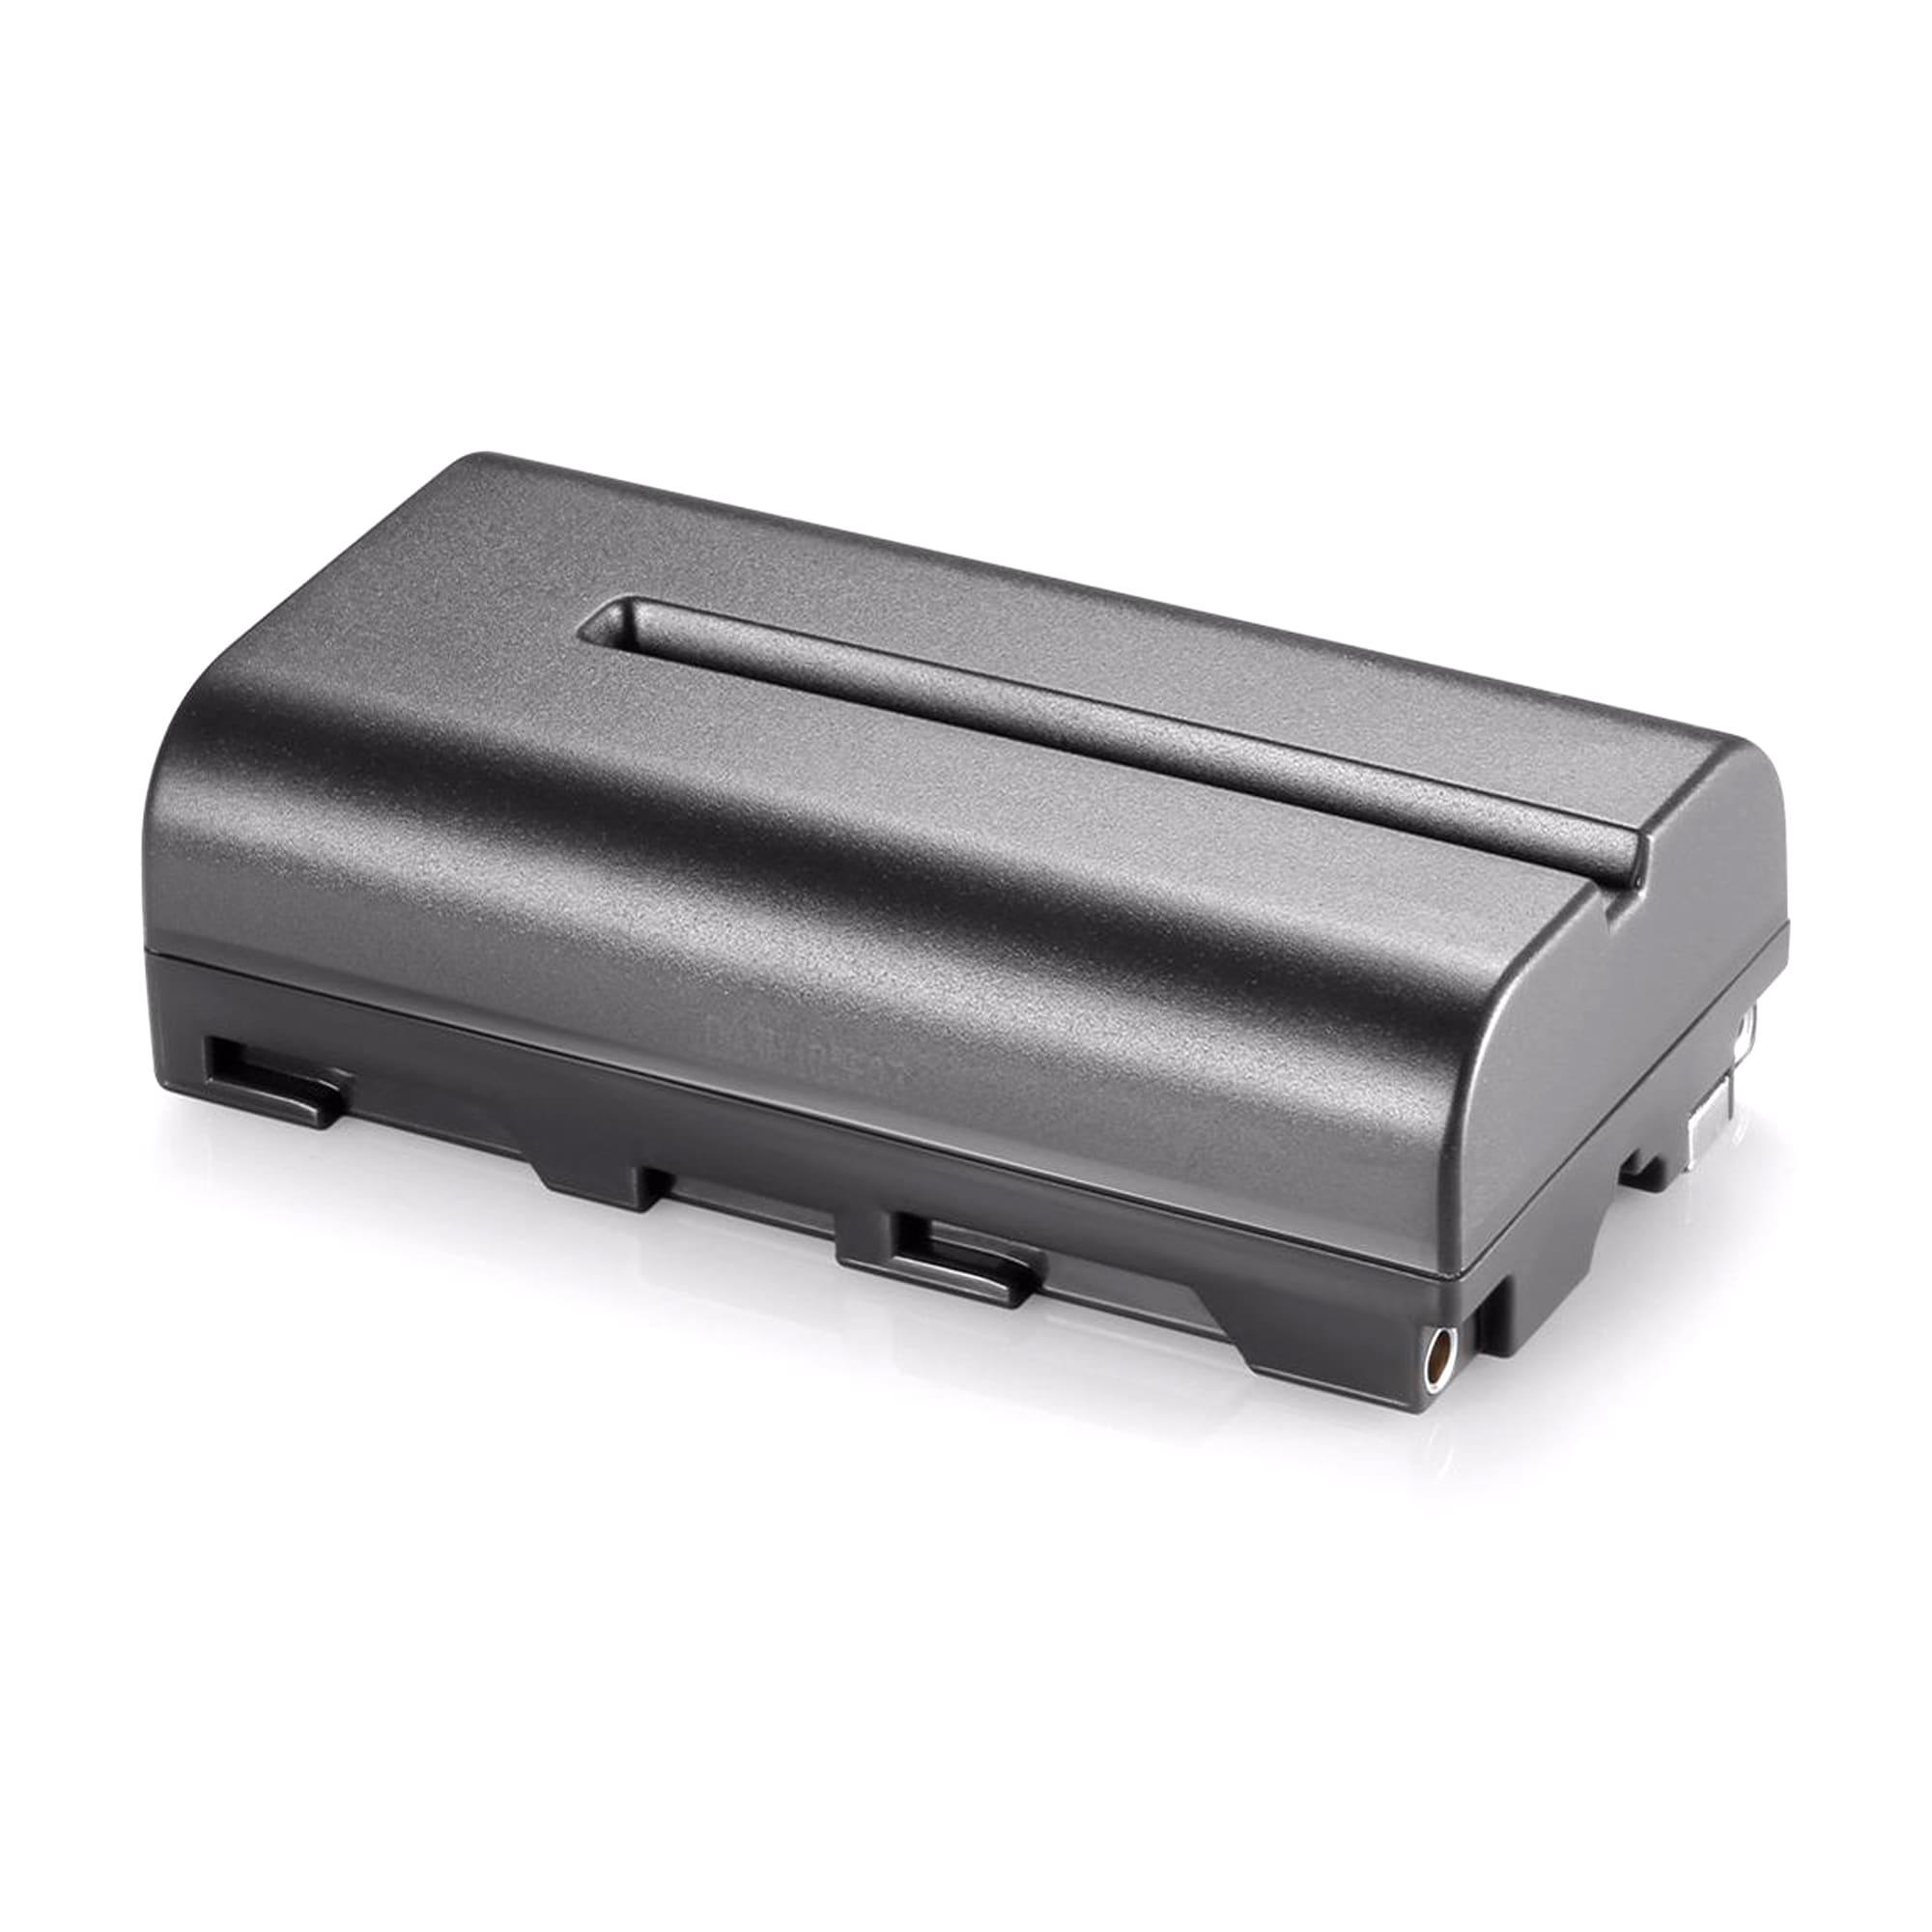 Nanlite Batteri 2000mAh NP-F type